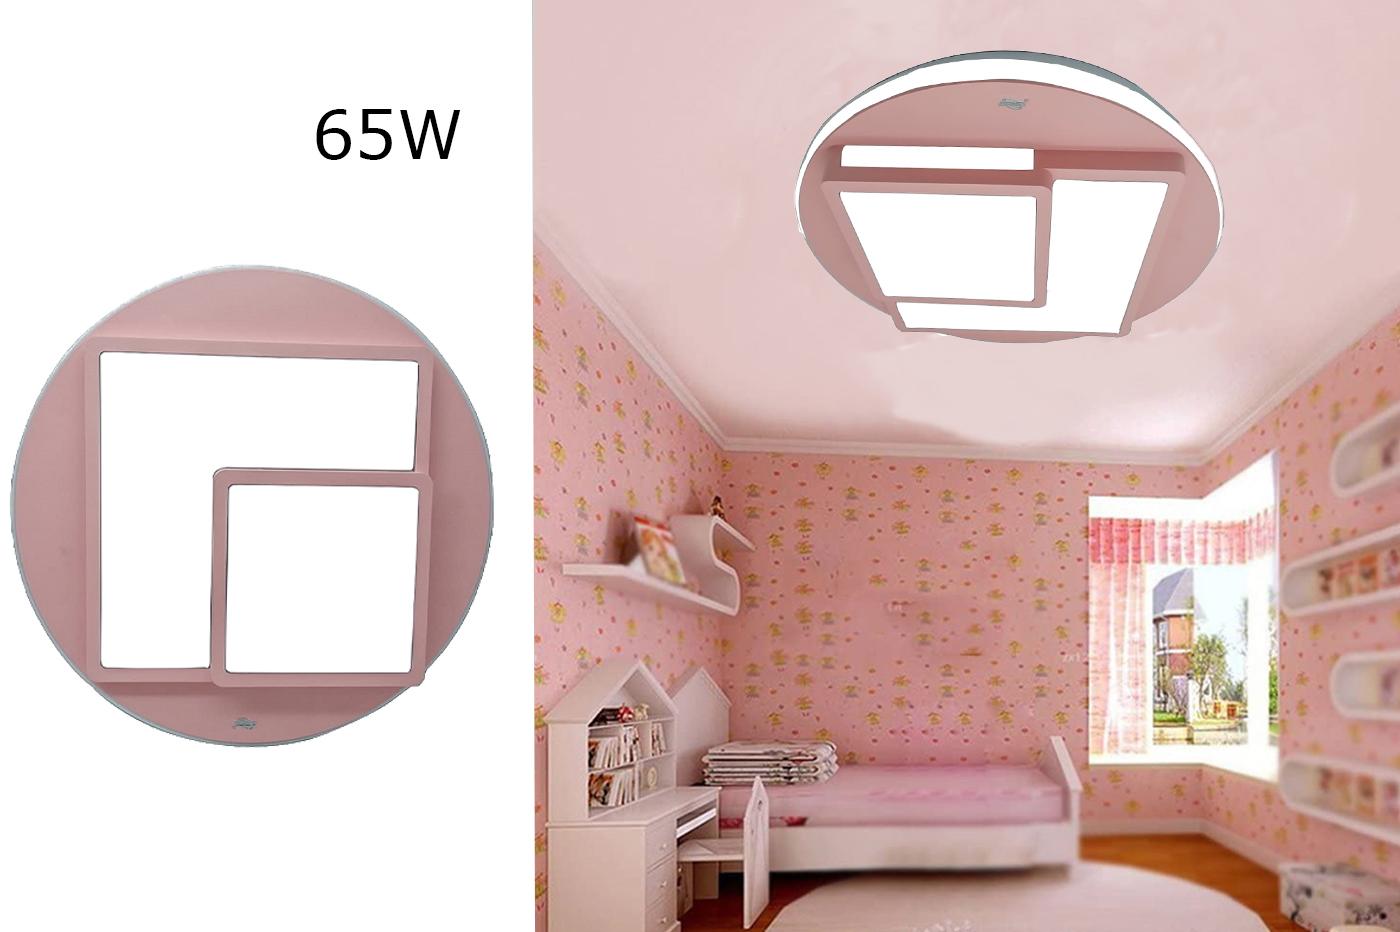 Plafoniera Led 65w Luce Fredda Geometrica Minimal Cameretta Bambini Rosa Btl 905 Ebay